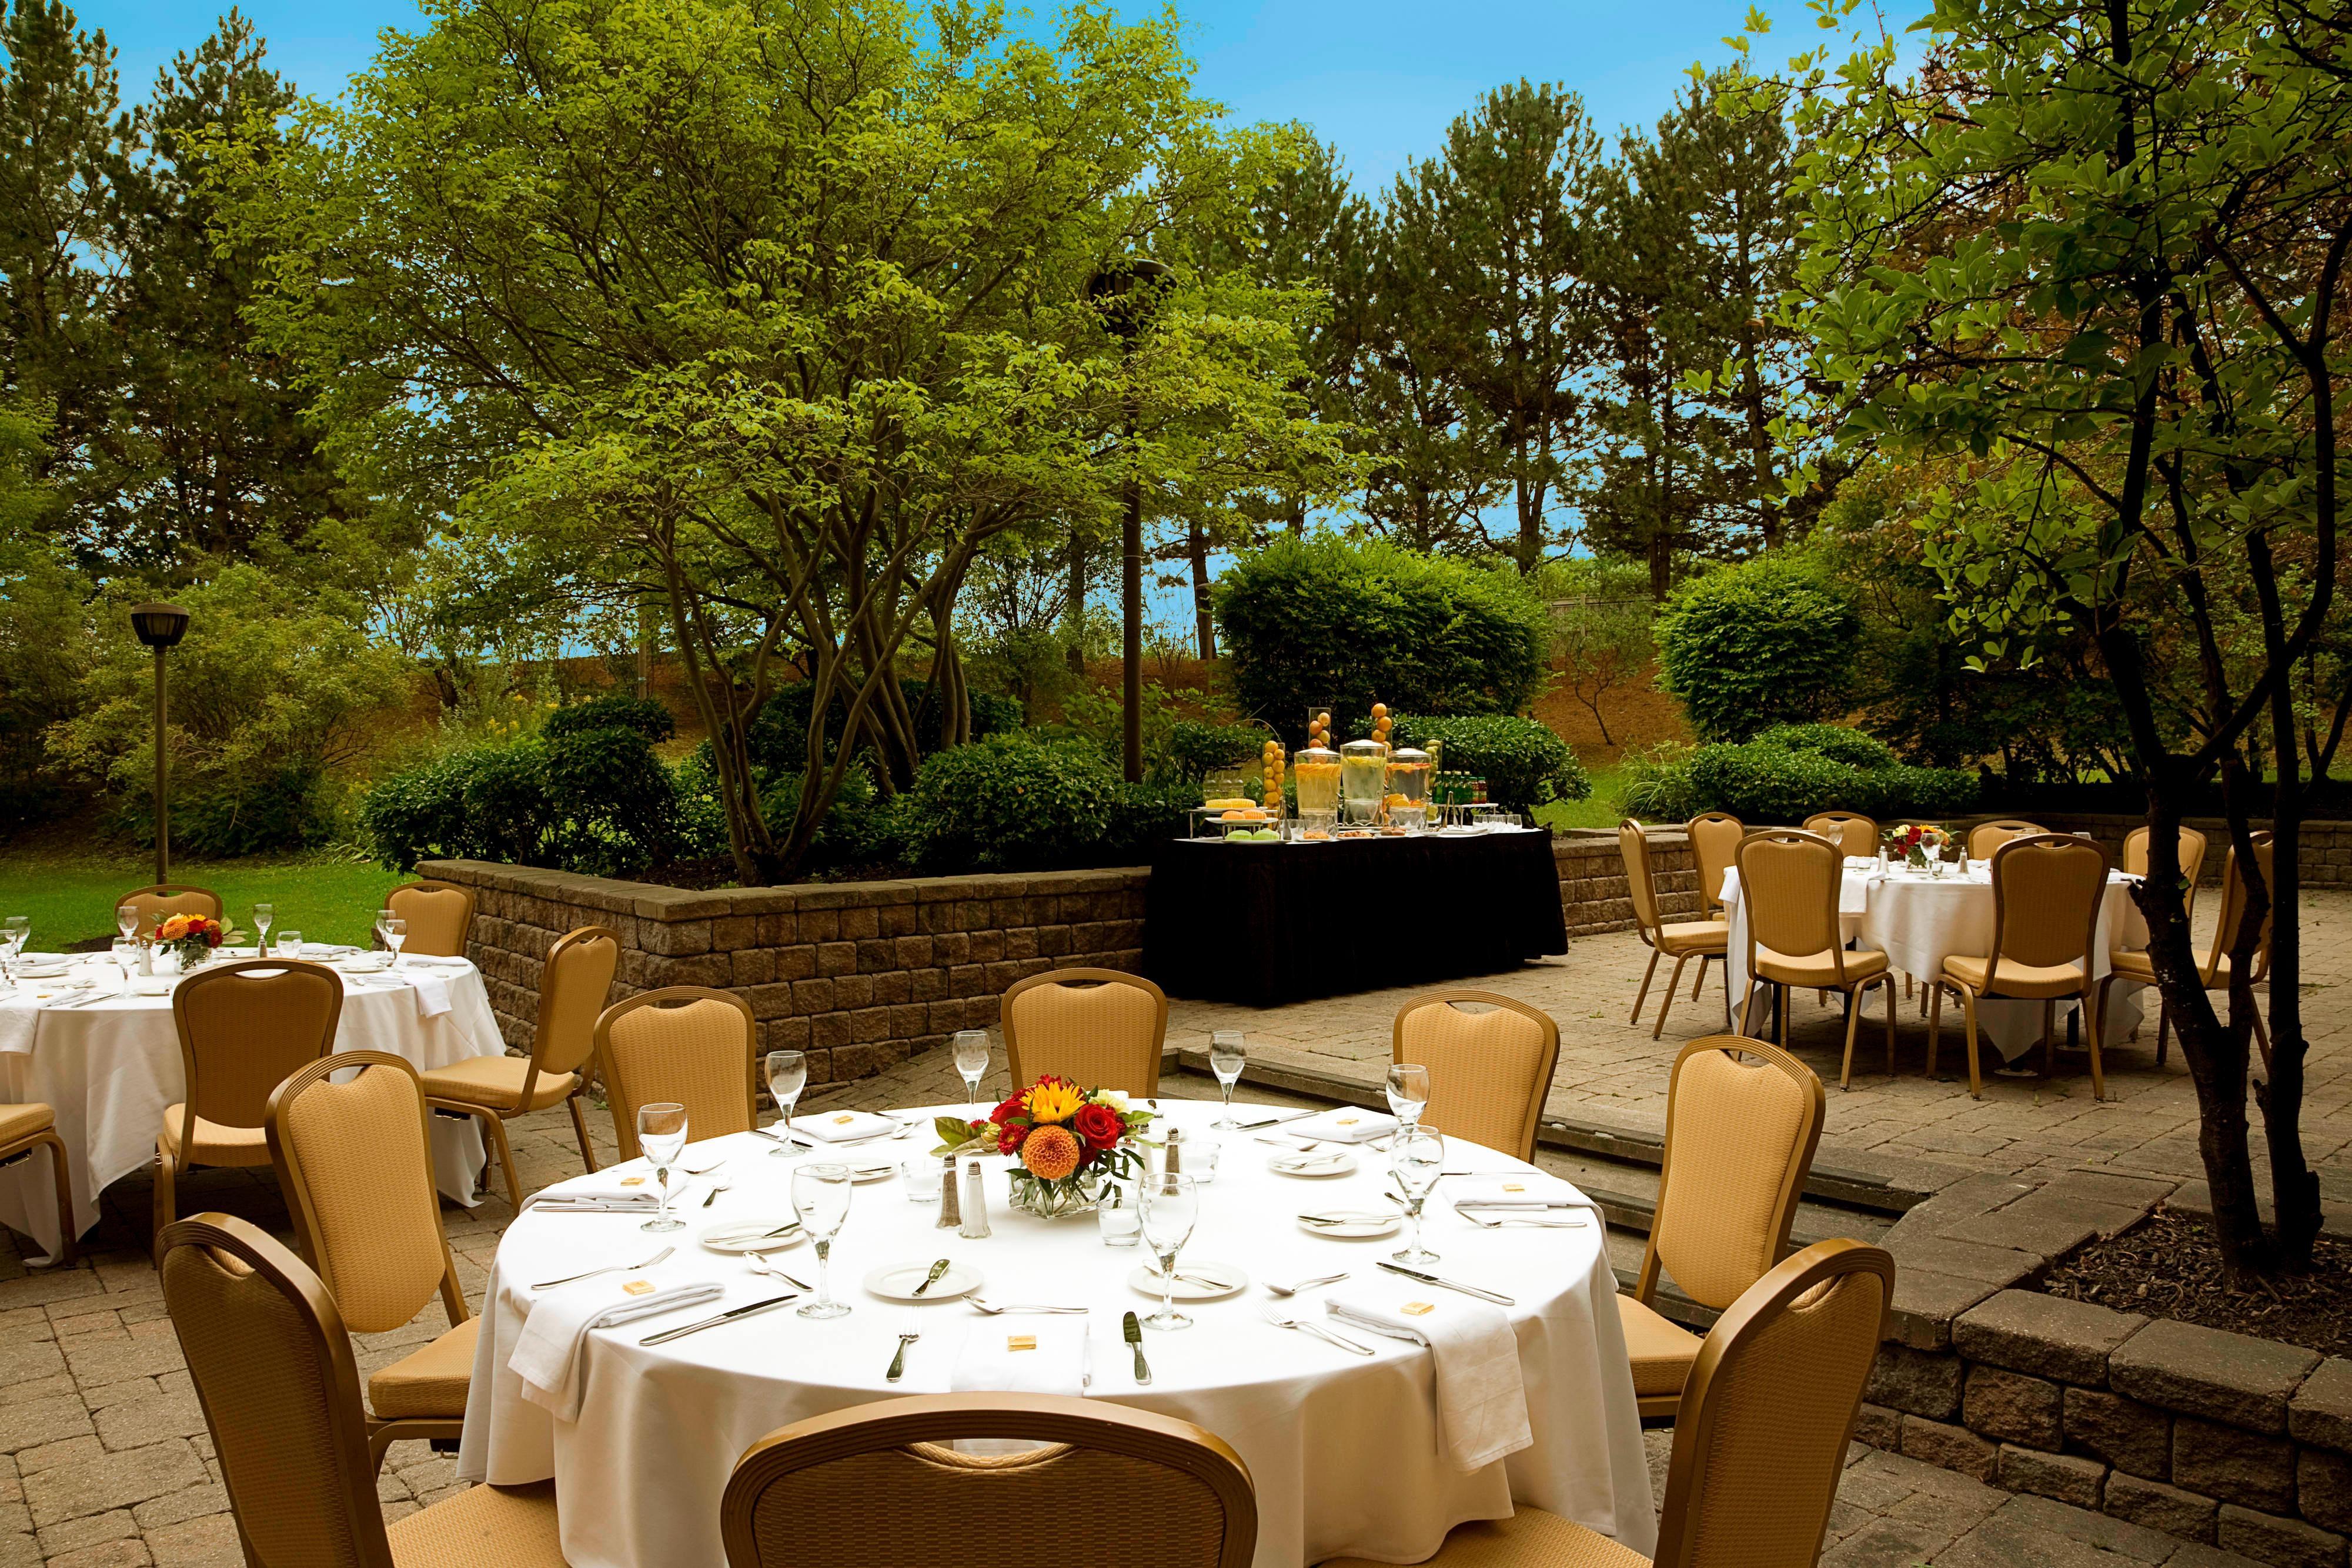 Hôtel avec terrasse accueillant des événements en extérieur à Toronto